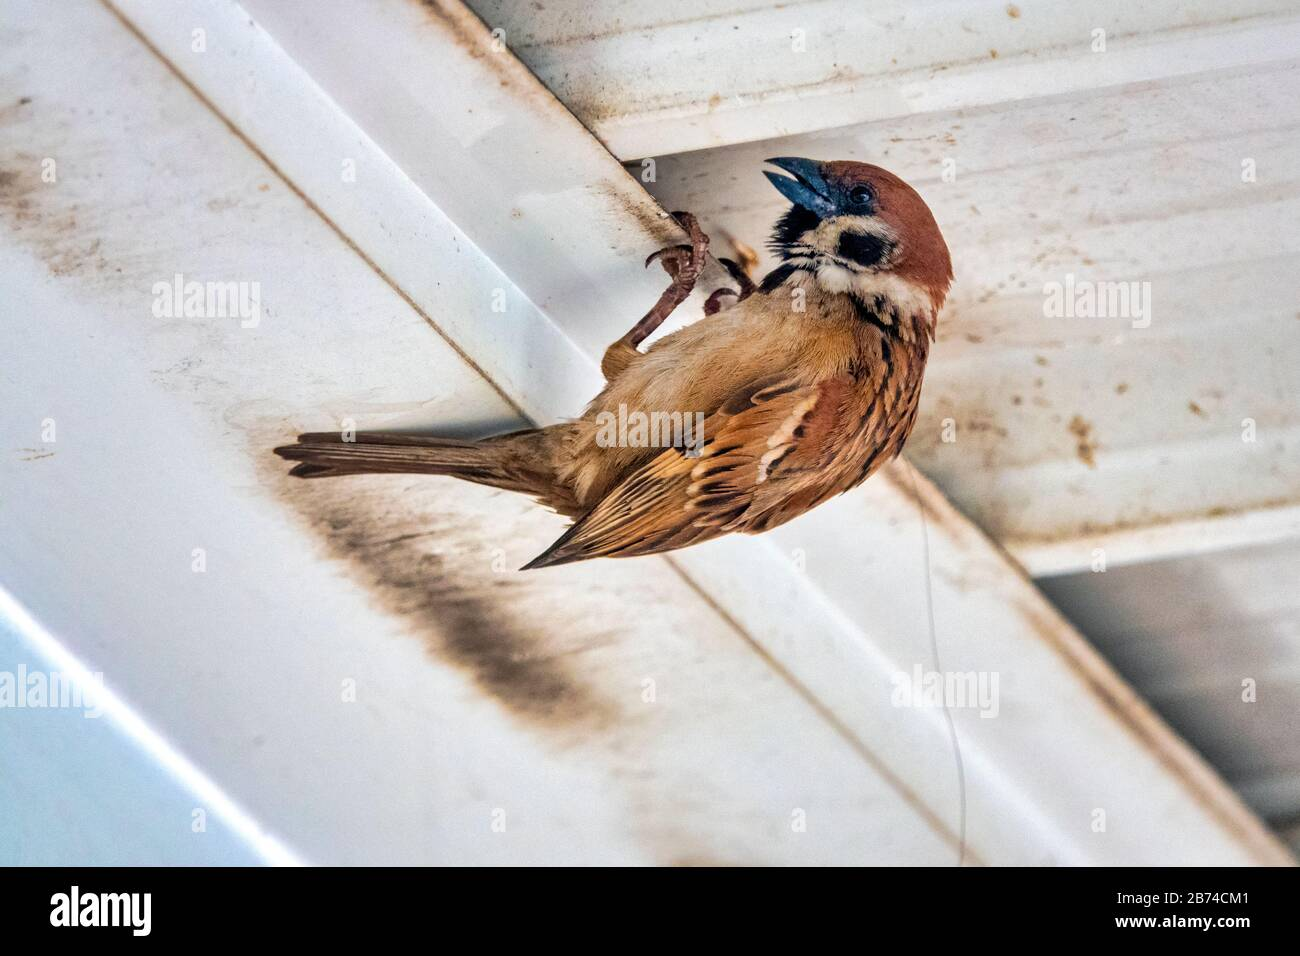 Eurasischer Baumspfeil (Passer montanus) nistet unter einem Dach Stockfoto